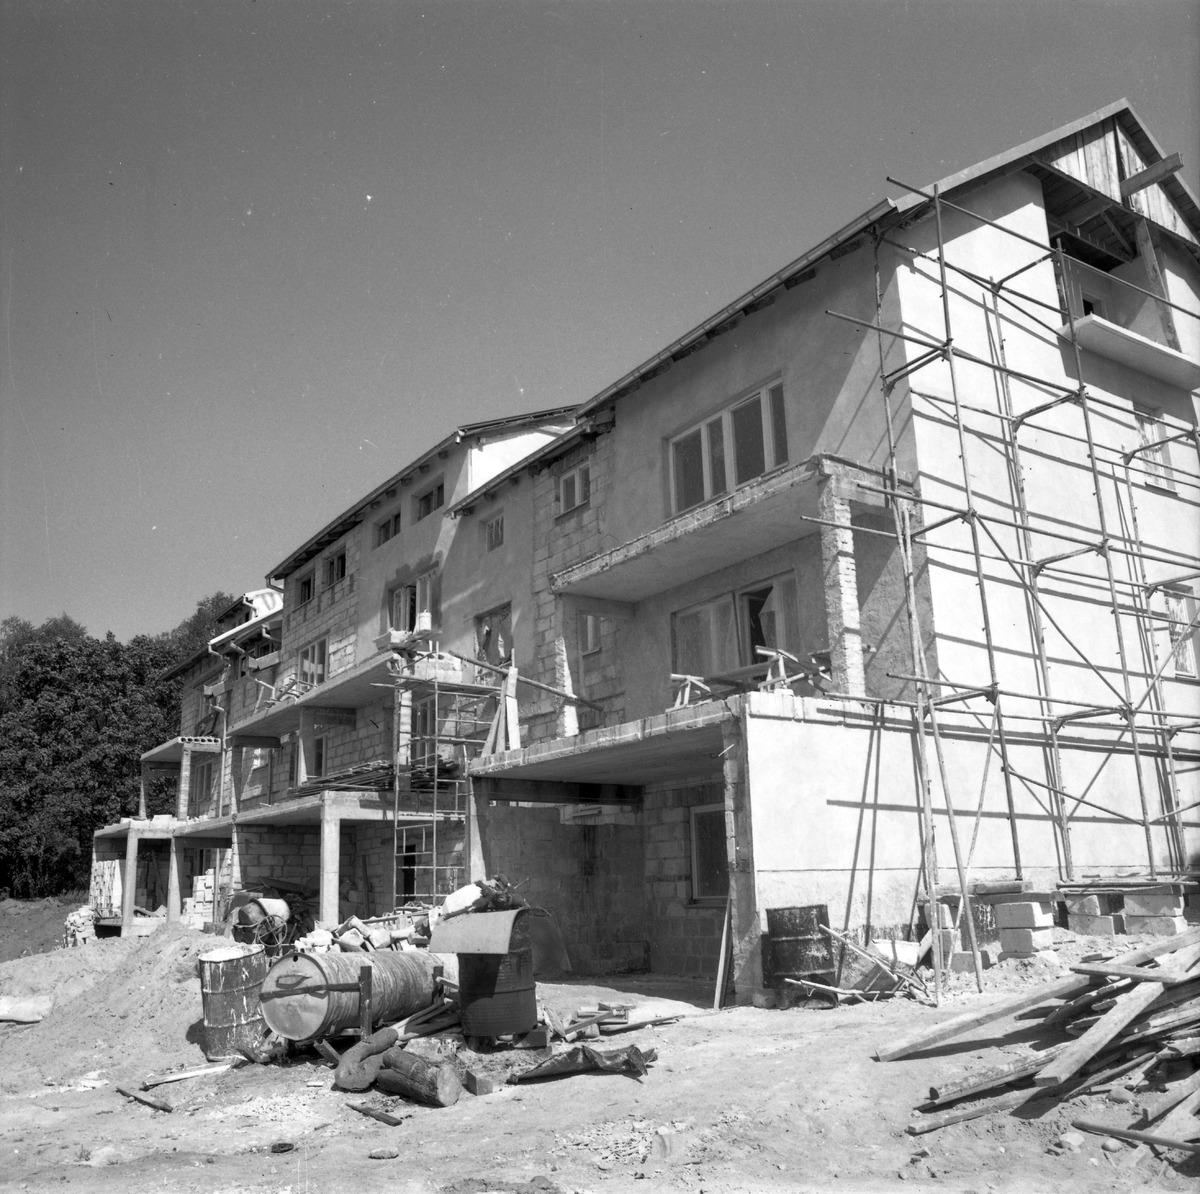 Budownictwo jednorodzinne w Wilasach